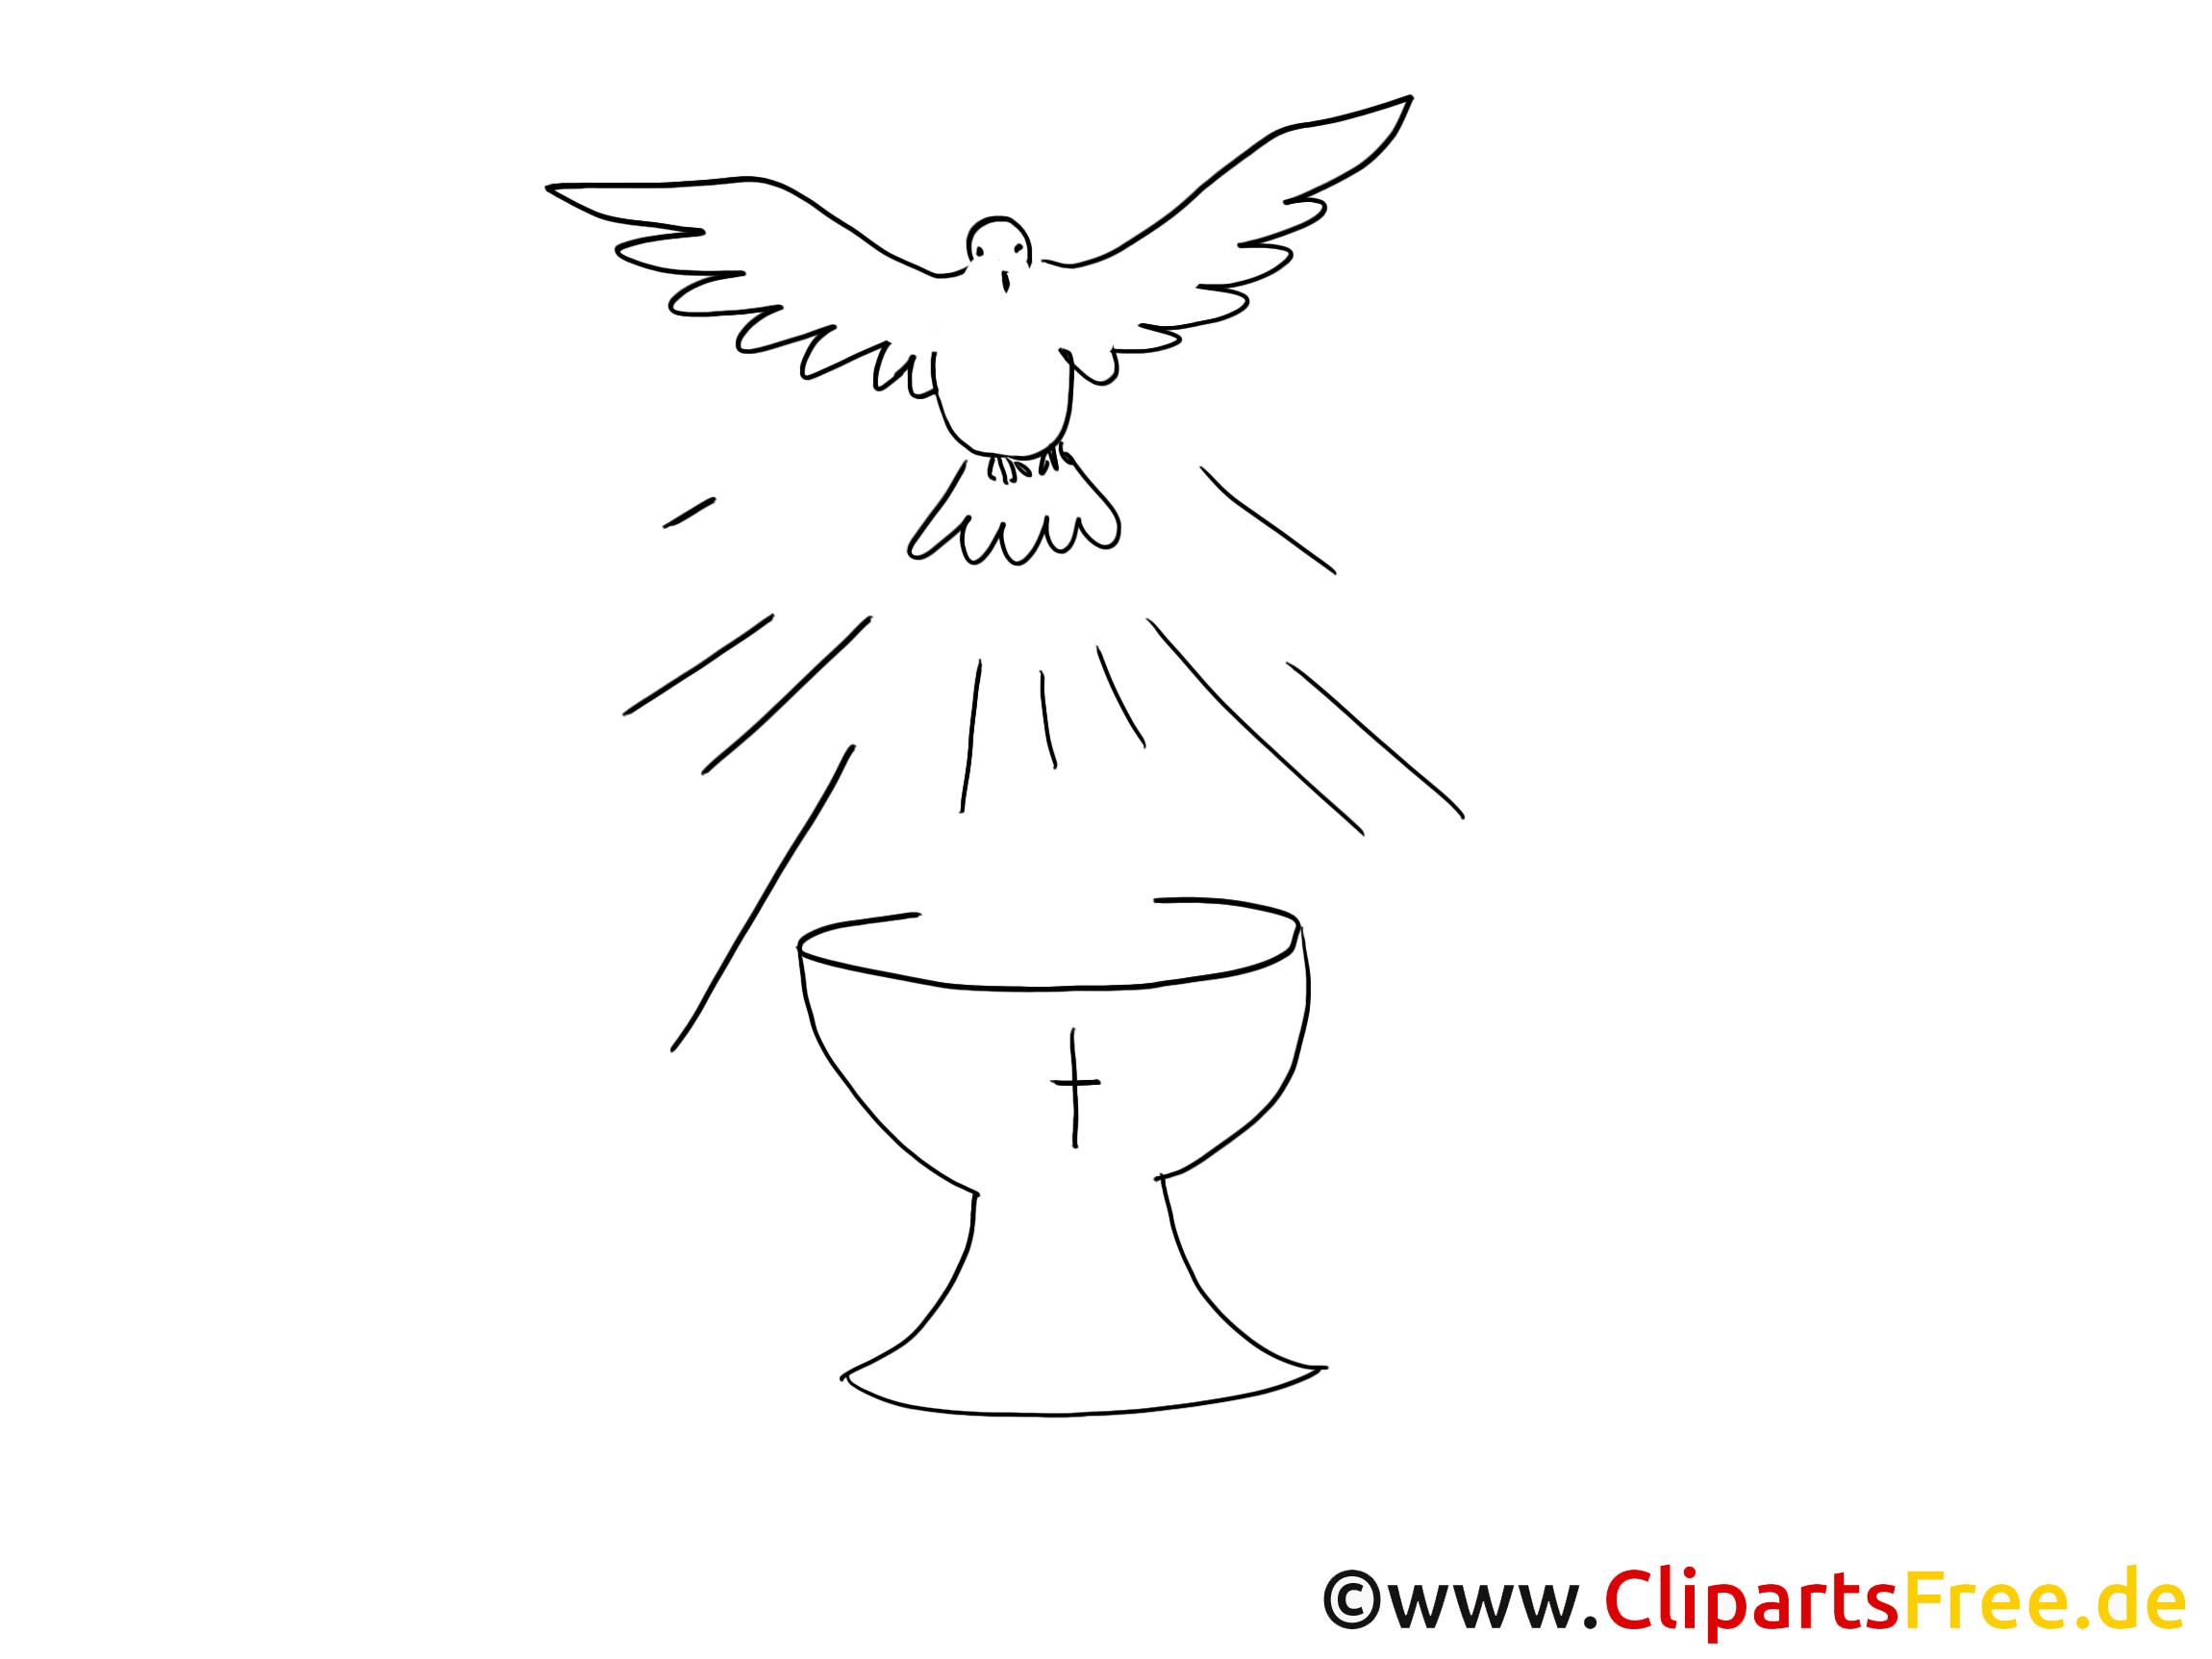 Clipartfest kostenlose ausmalbilder. Cliparts zur taufe kostenlos